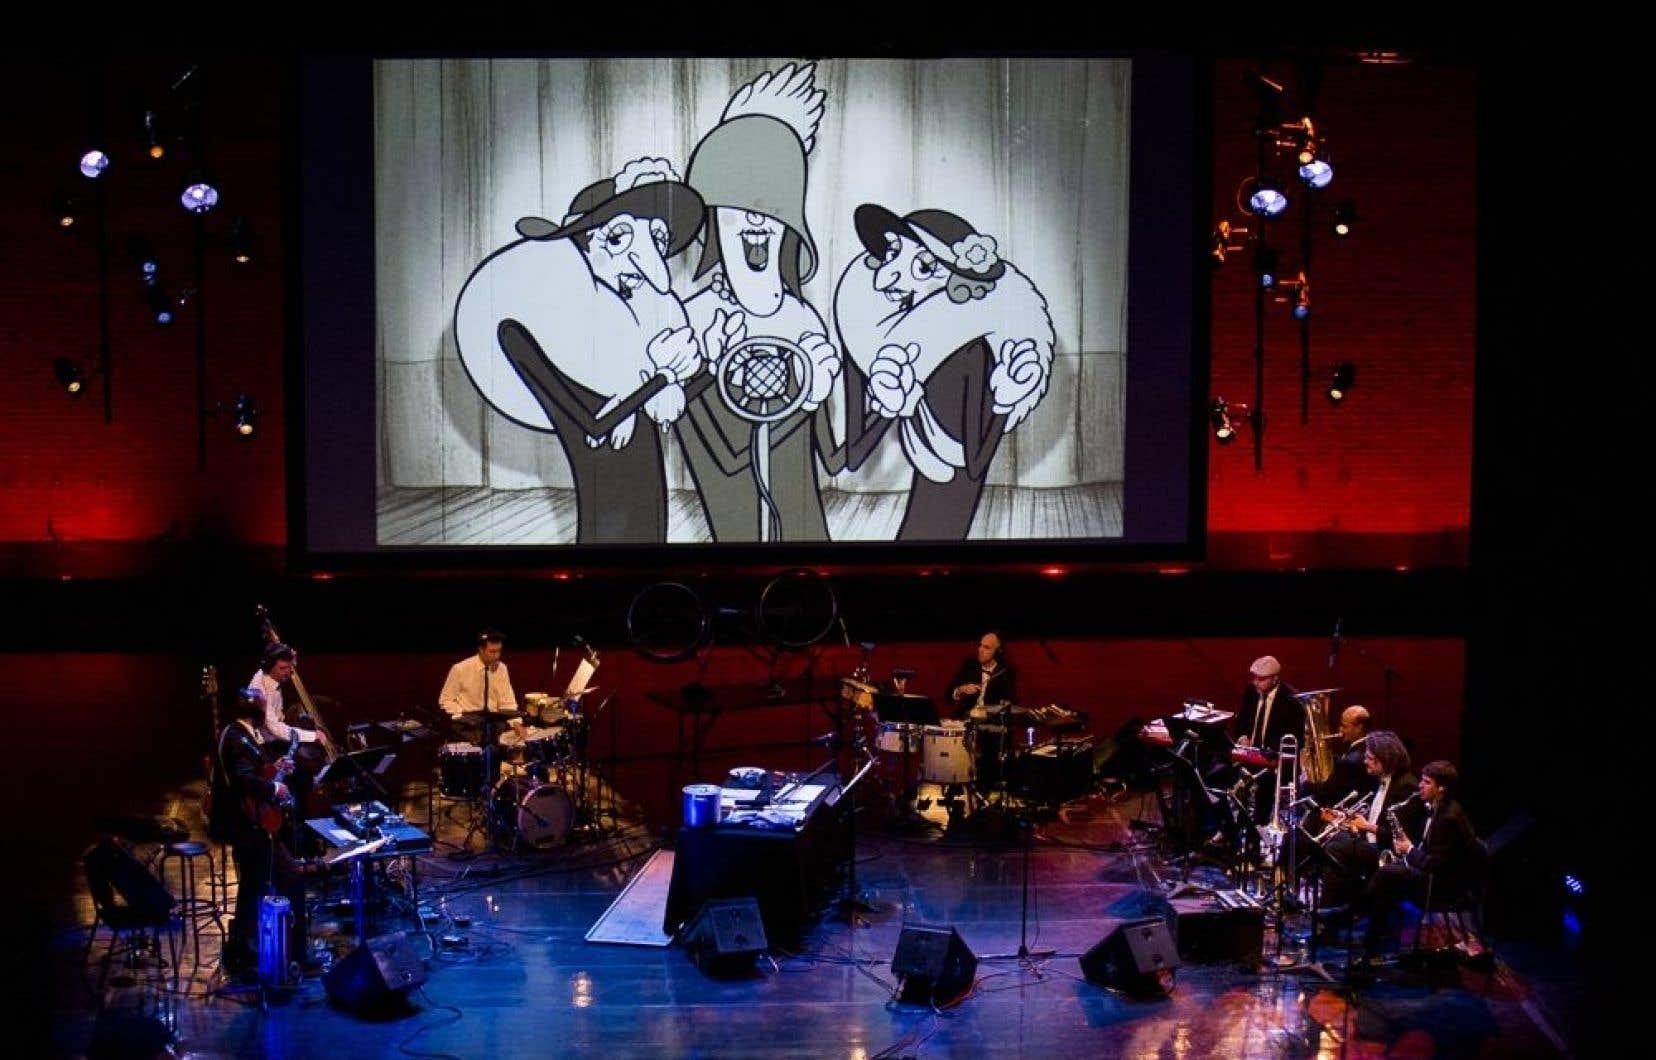 Si brillante soit l'animation du film (signé Sylvain Chomet), les Triplettes ne seraient pas les Triplettes sans la trame sonore de Charest.